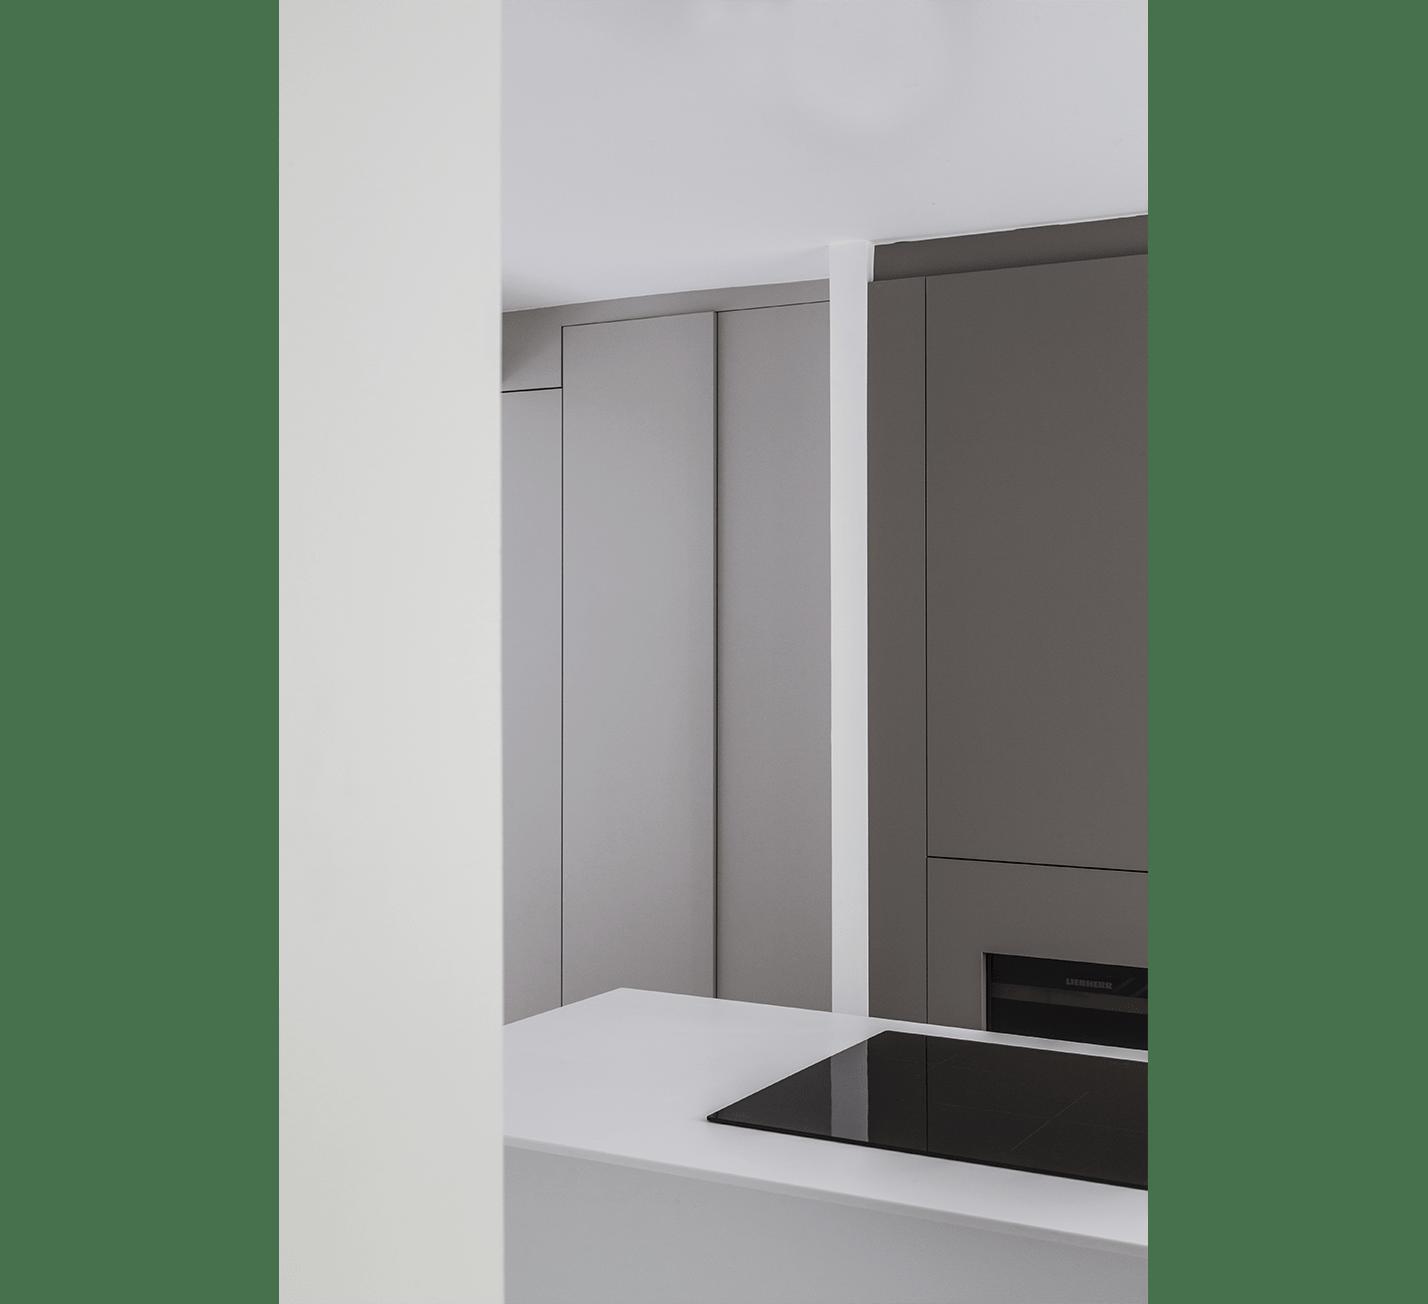 Projet-Square-Chaure-Atelier-Steve-Pauline-Borgia-Architecture-interieur-04-min